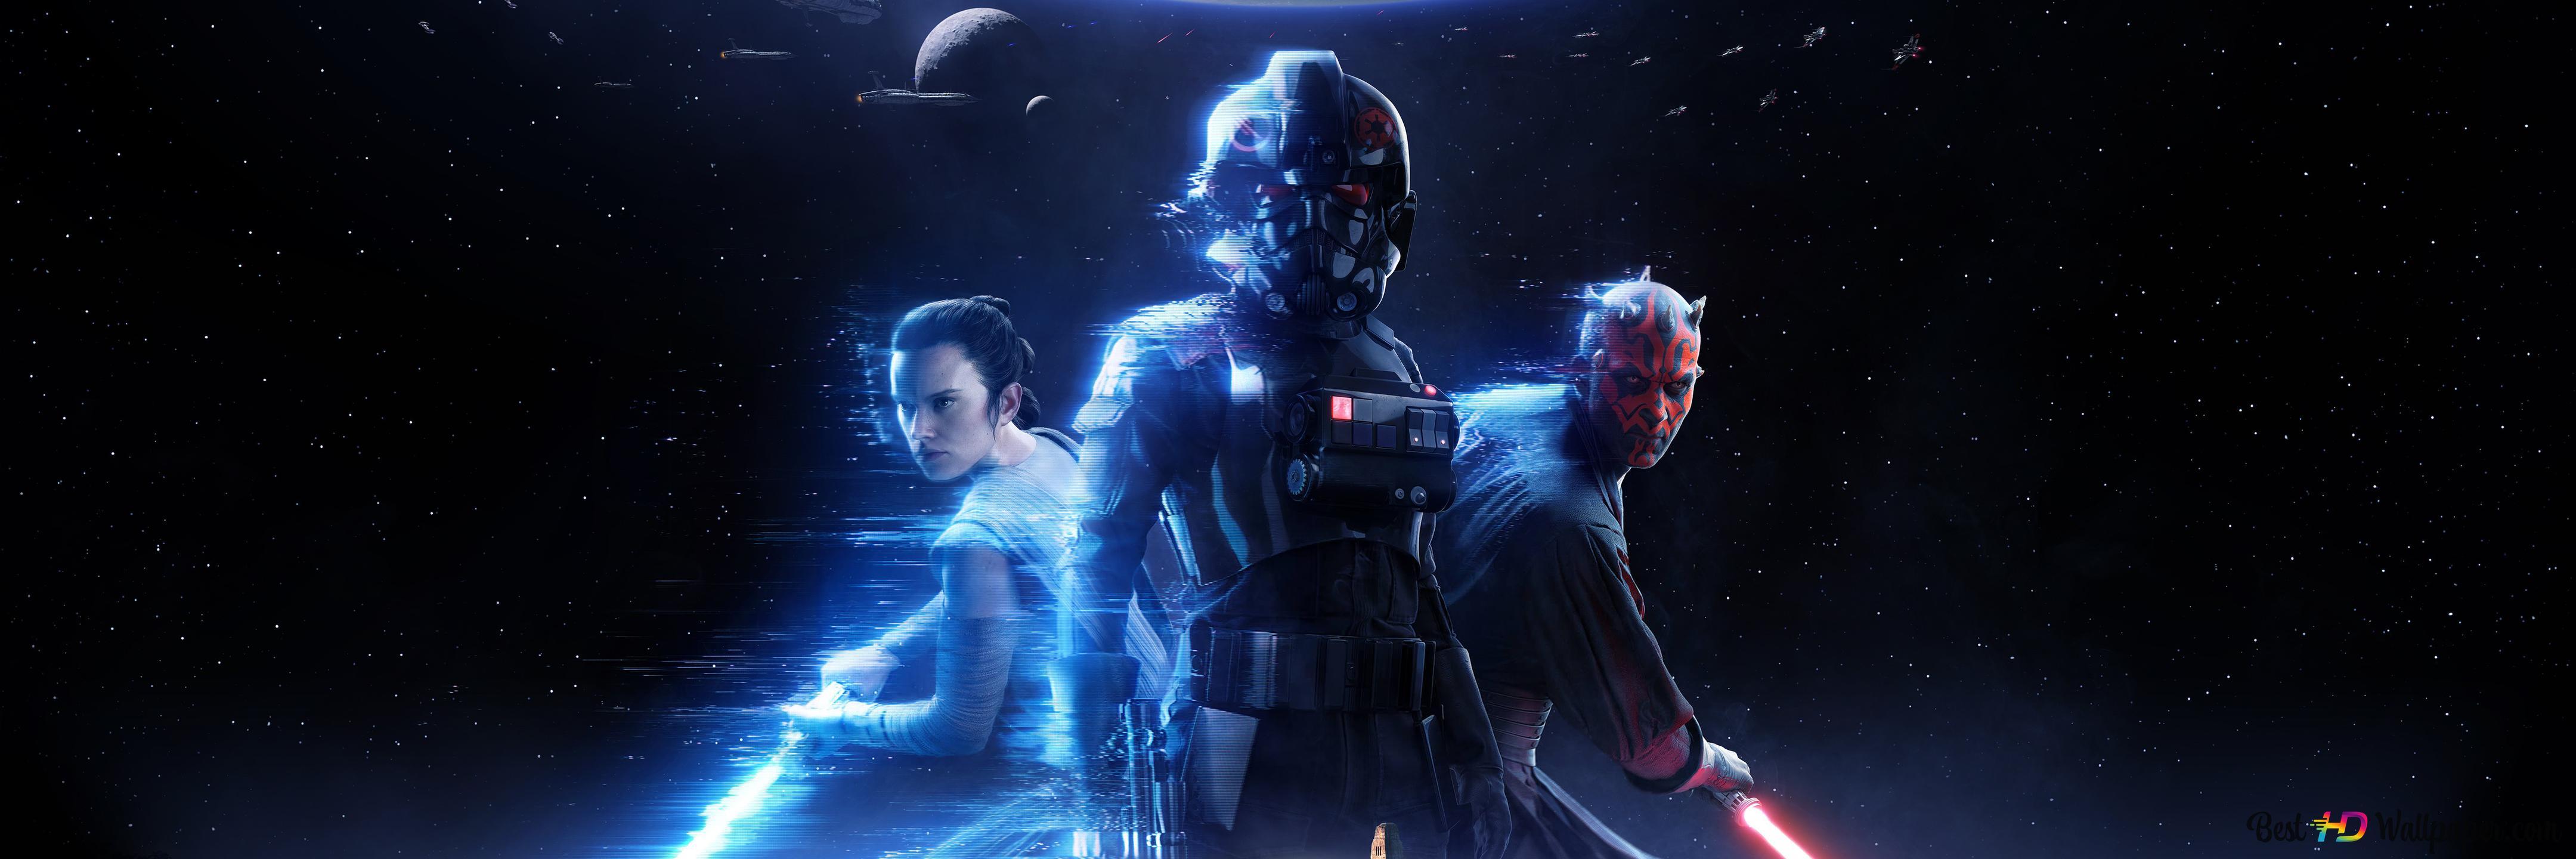 Star Wars Battlefront 2 Game Poster Hd Wallpaper Download